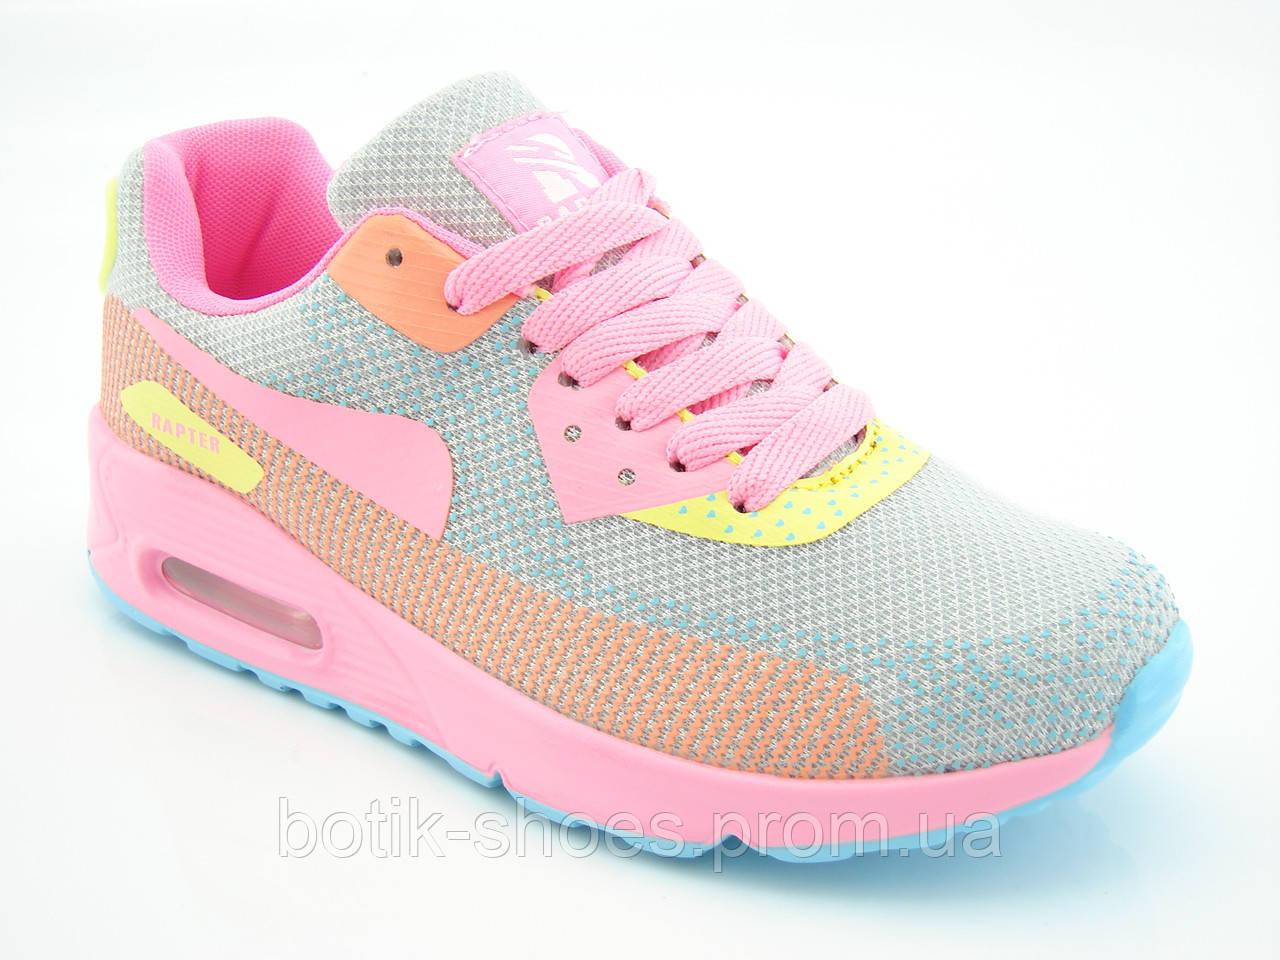 Модные кроссовки женские Rapter B757-7, копия Nike Air Max 90 - интернет- 7ab3fd09d67